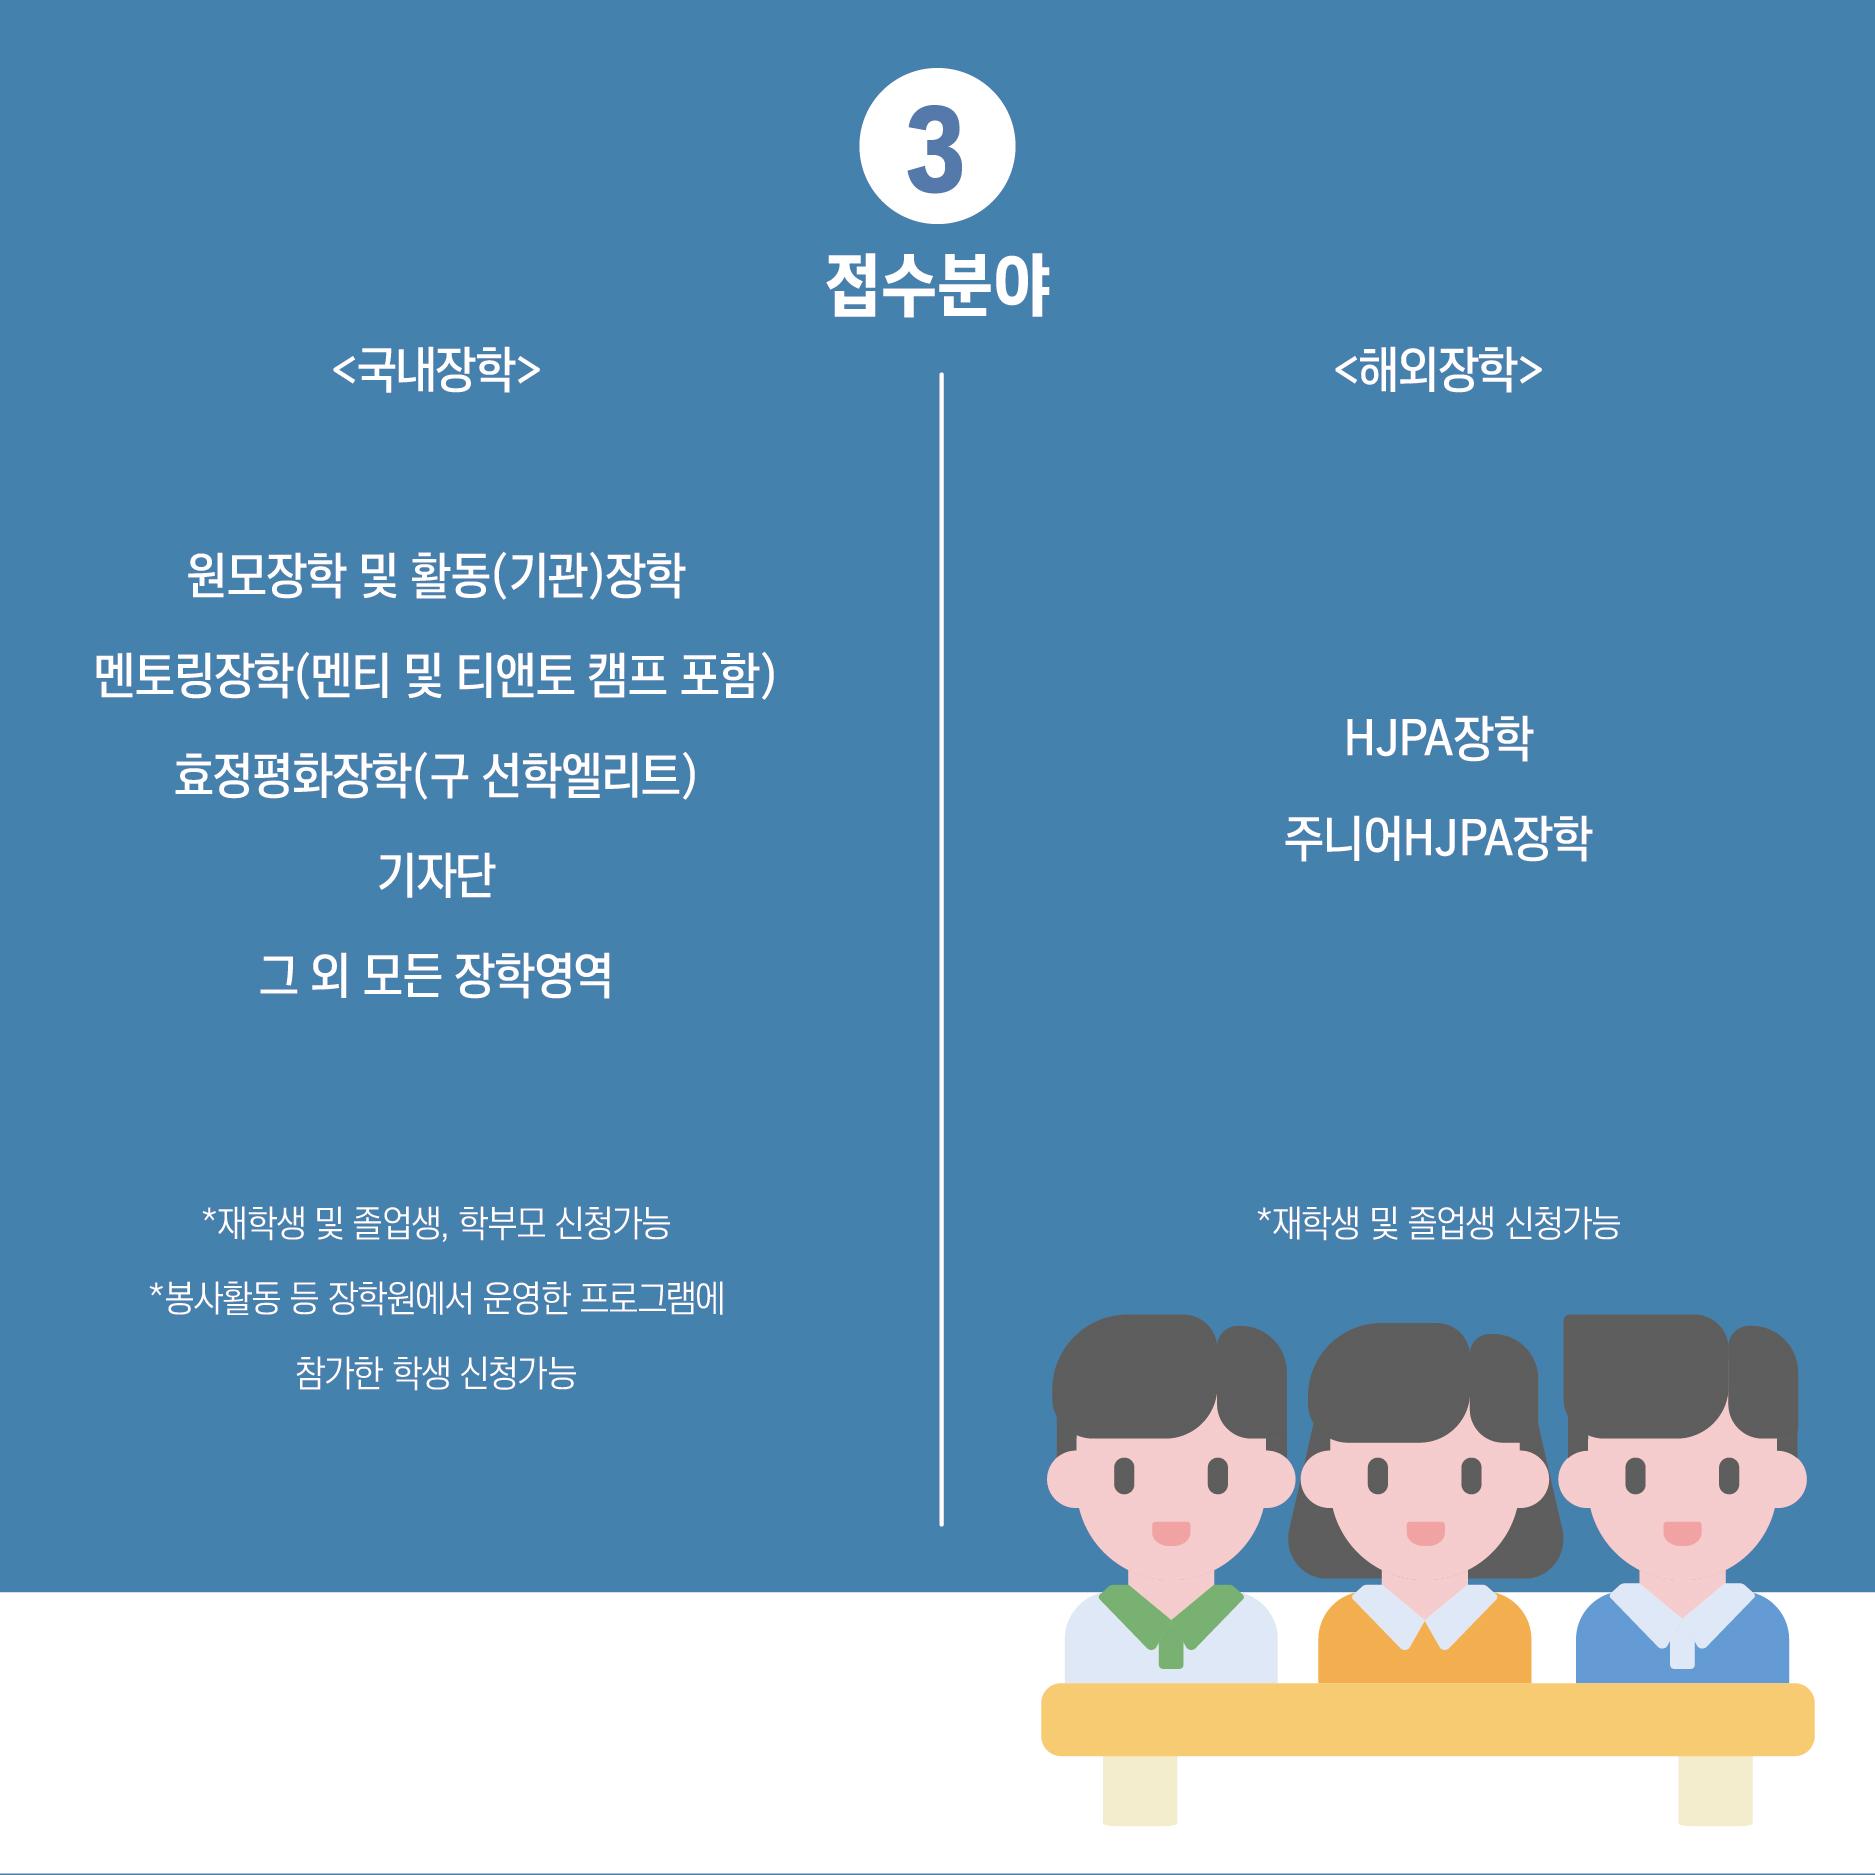 수기카드뉴스만들어보자3-08.jpg